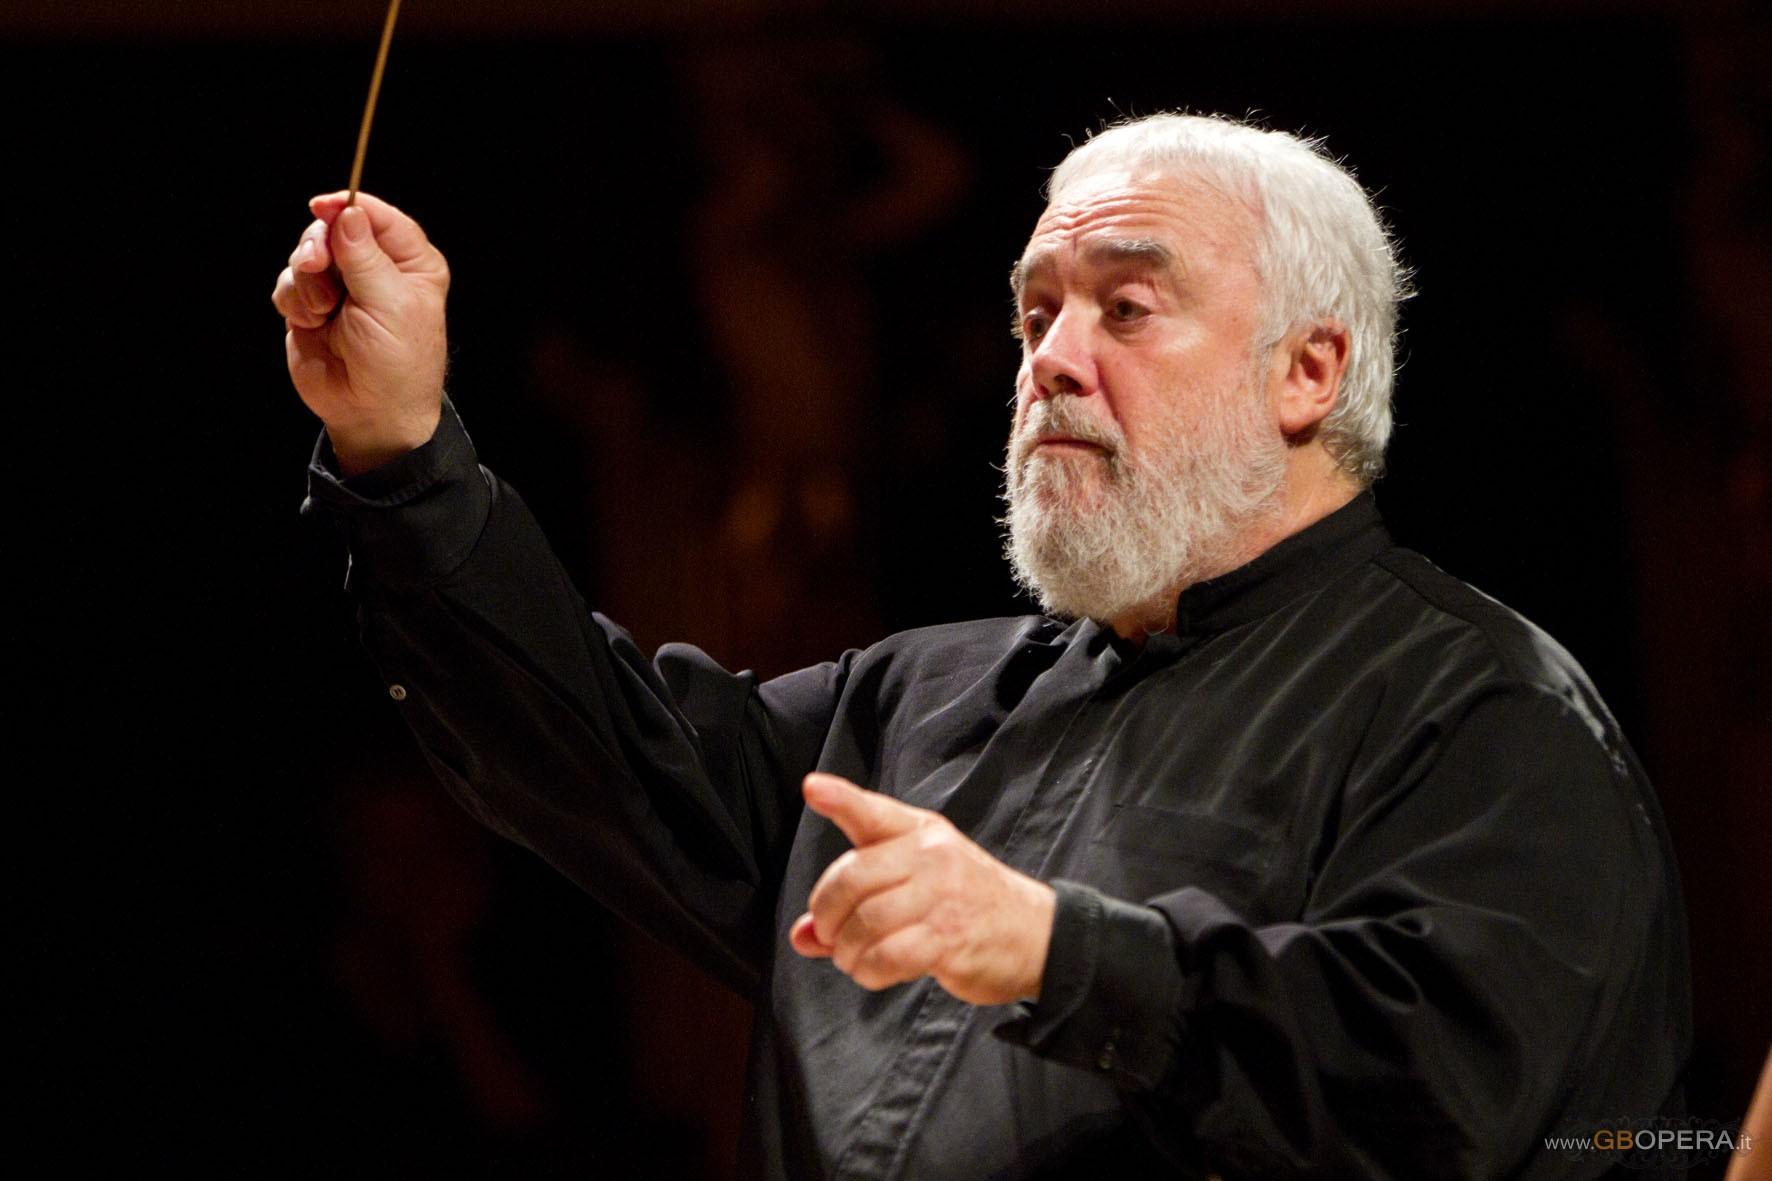 Filharmonický orchester Monte Carlo, Slovenský filharmonický zbor